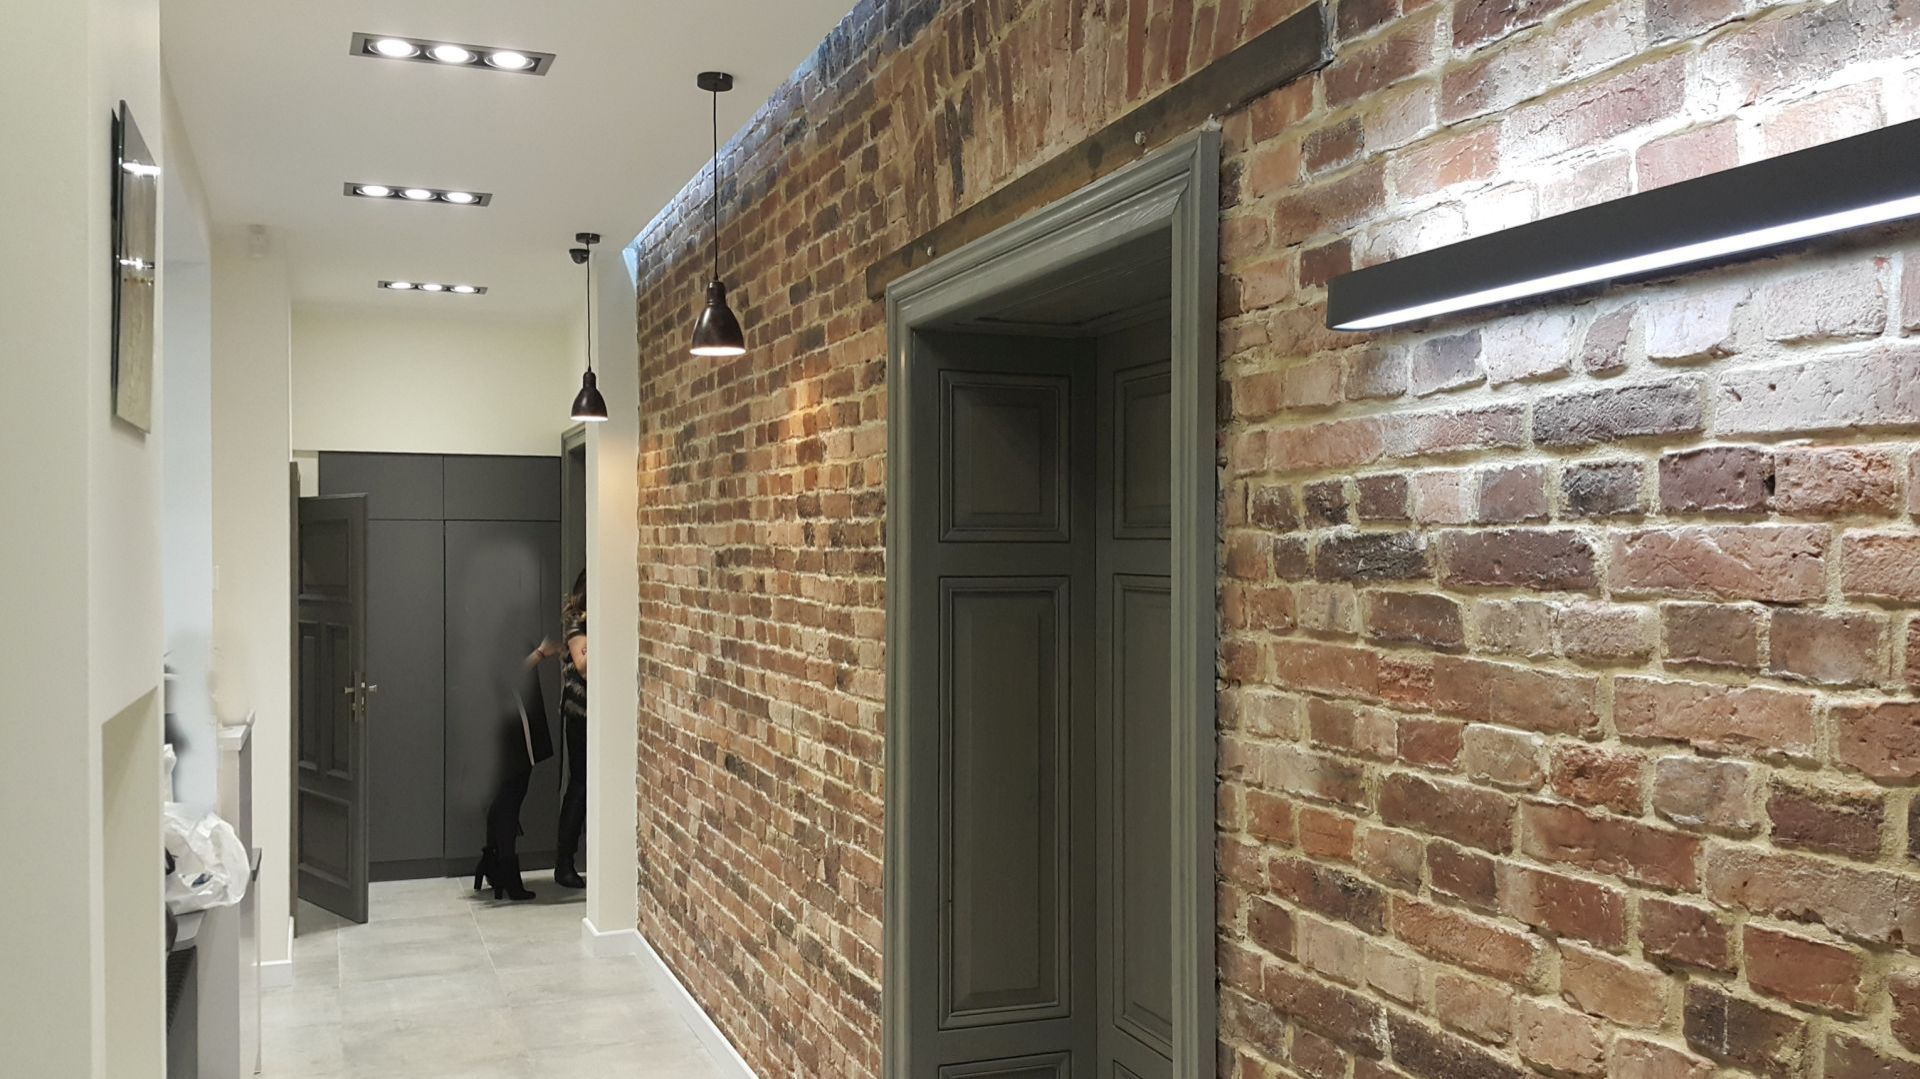 Warto uzyskać pozwolenie na budowę, nawet po to, by wykonać kilka otwarć w ścianach konstrukcyjnych i uzyskać nową, lepszą przestrzeń z charakterem, np. odkuć tynk i odsłonić istniejącą, piękną cegłę. Fot. Studio BB Architekci